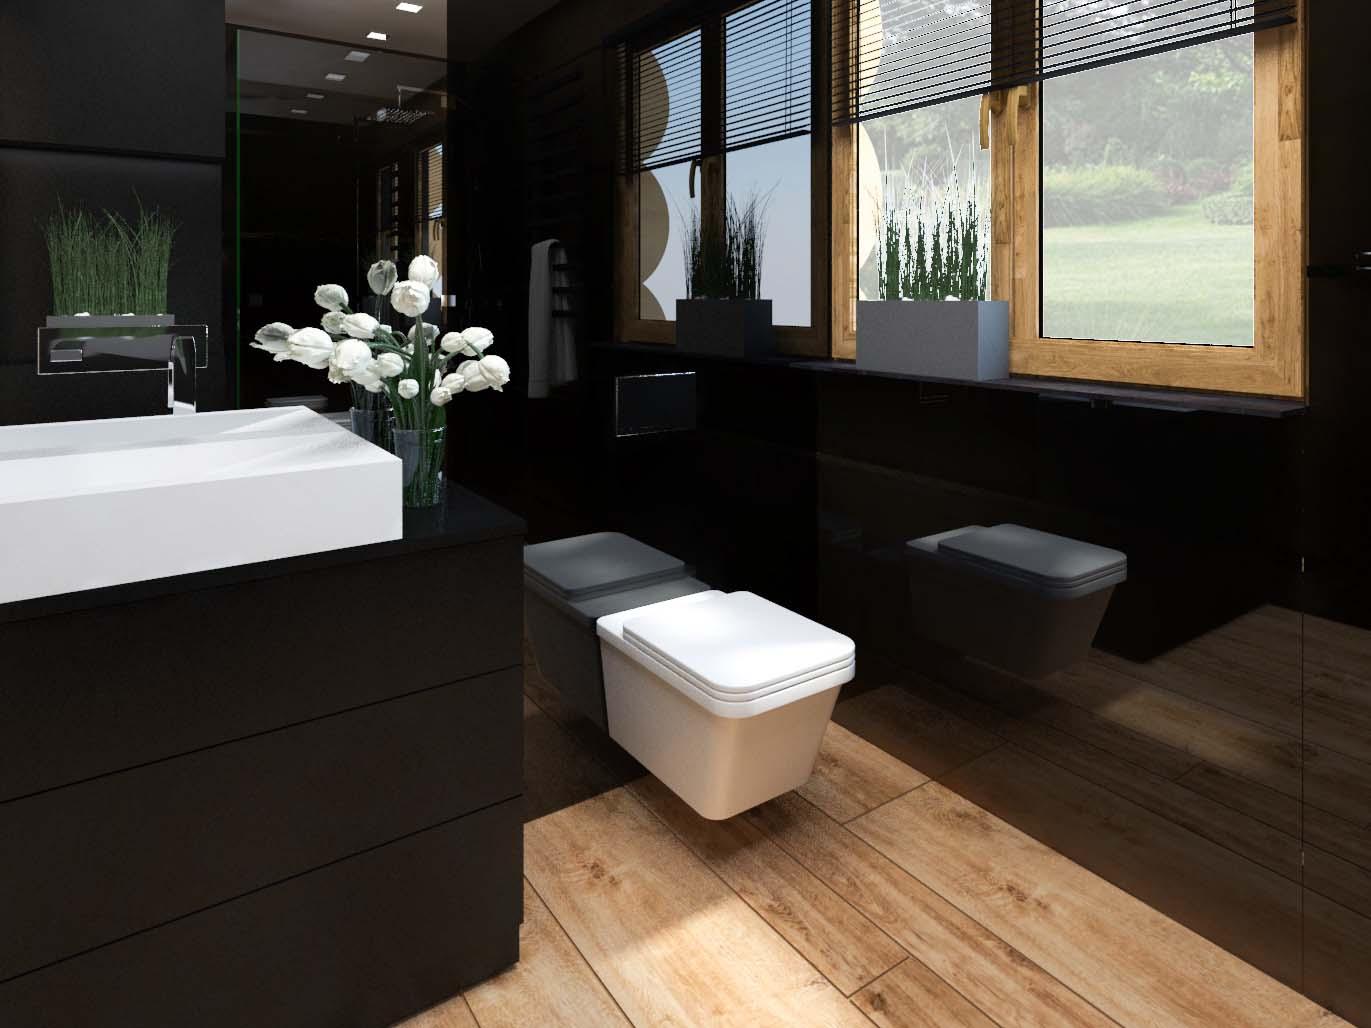 Aranżacja łazienki Rzeszów Projektowanie Aranżacja Wnętrz